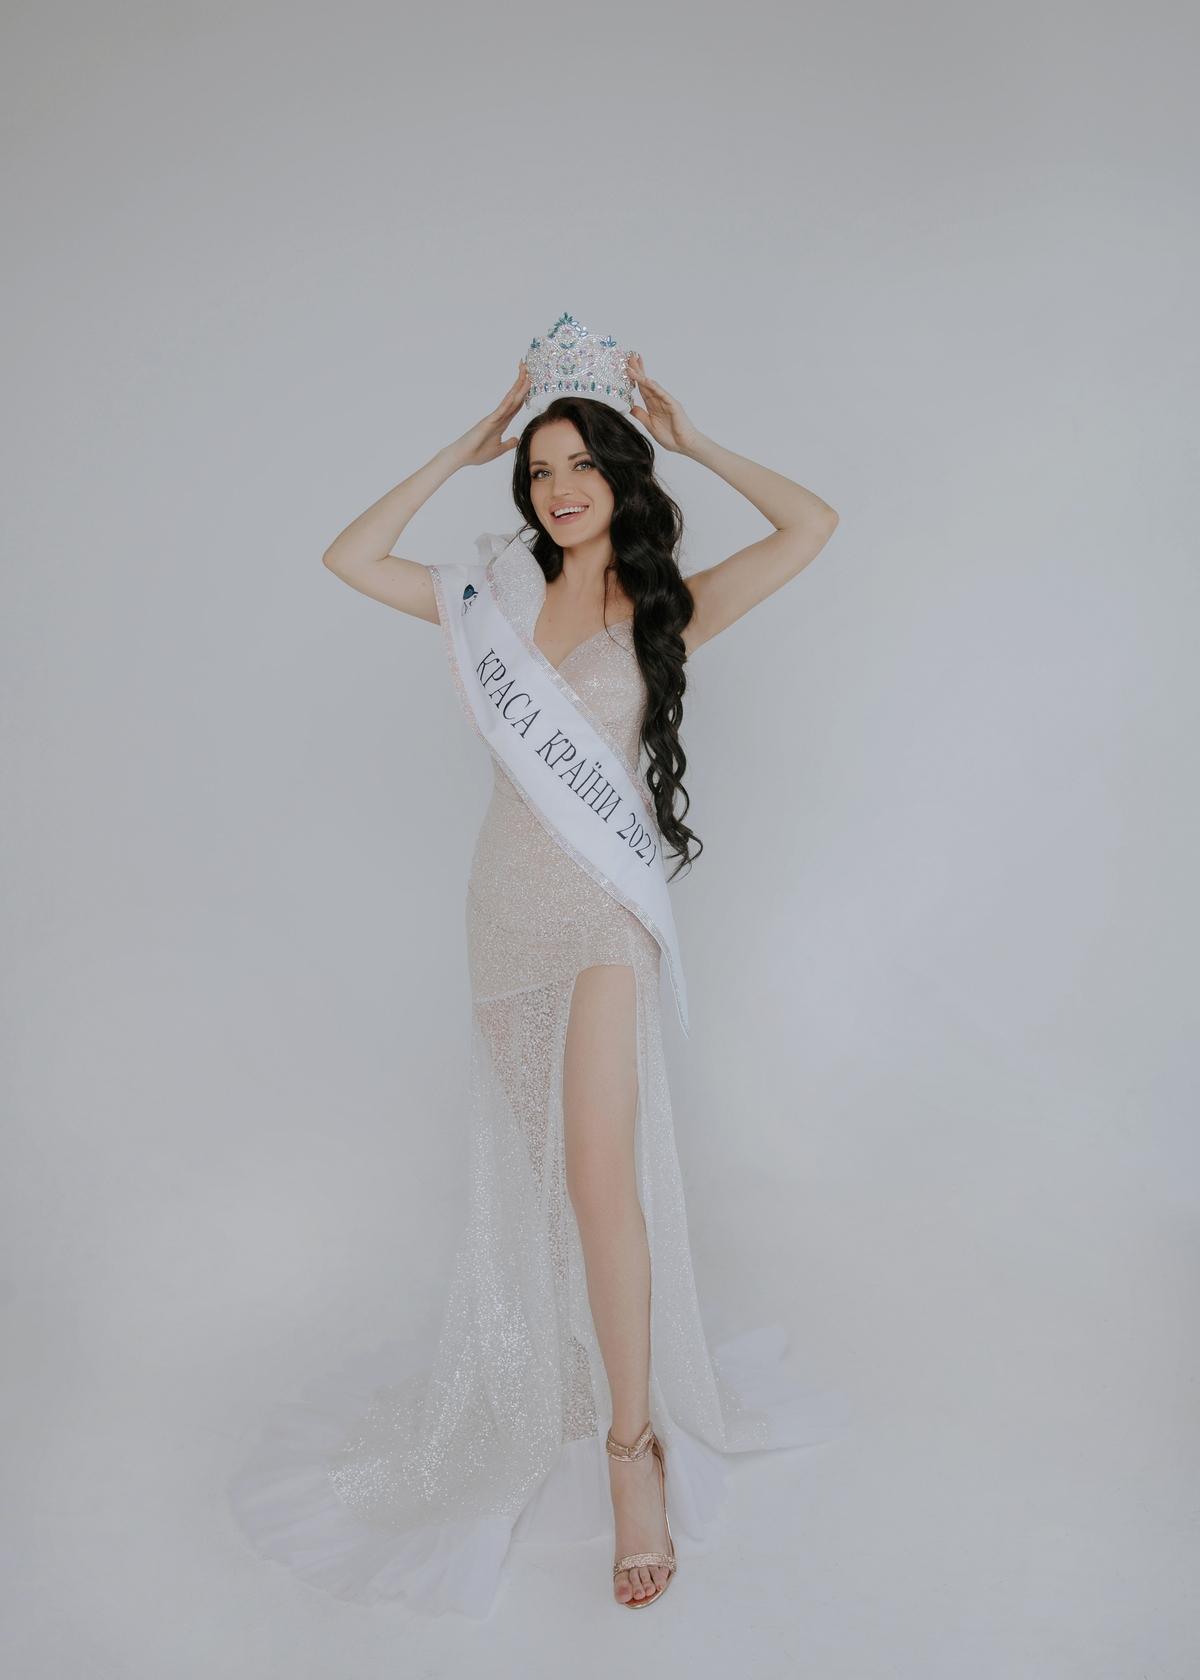 Интервью с победительница конкурса Алиной Волохиной-Вареник Каждая женщина сильная, красивая идостойная, все вваших руках